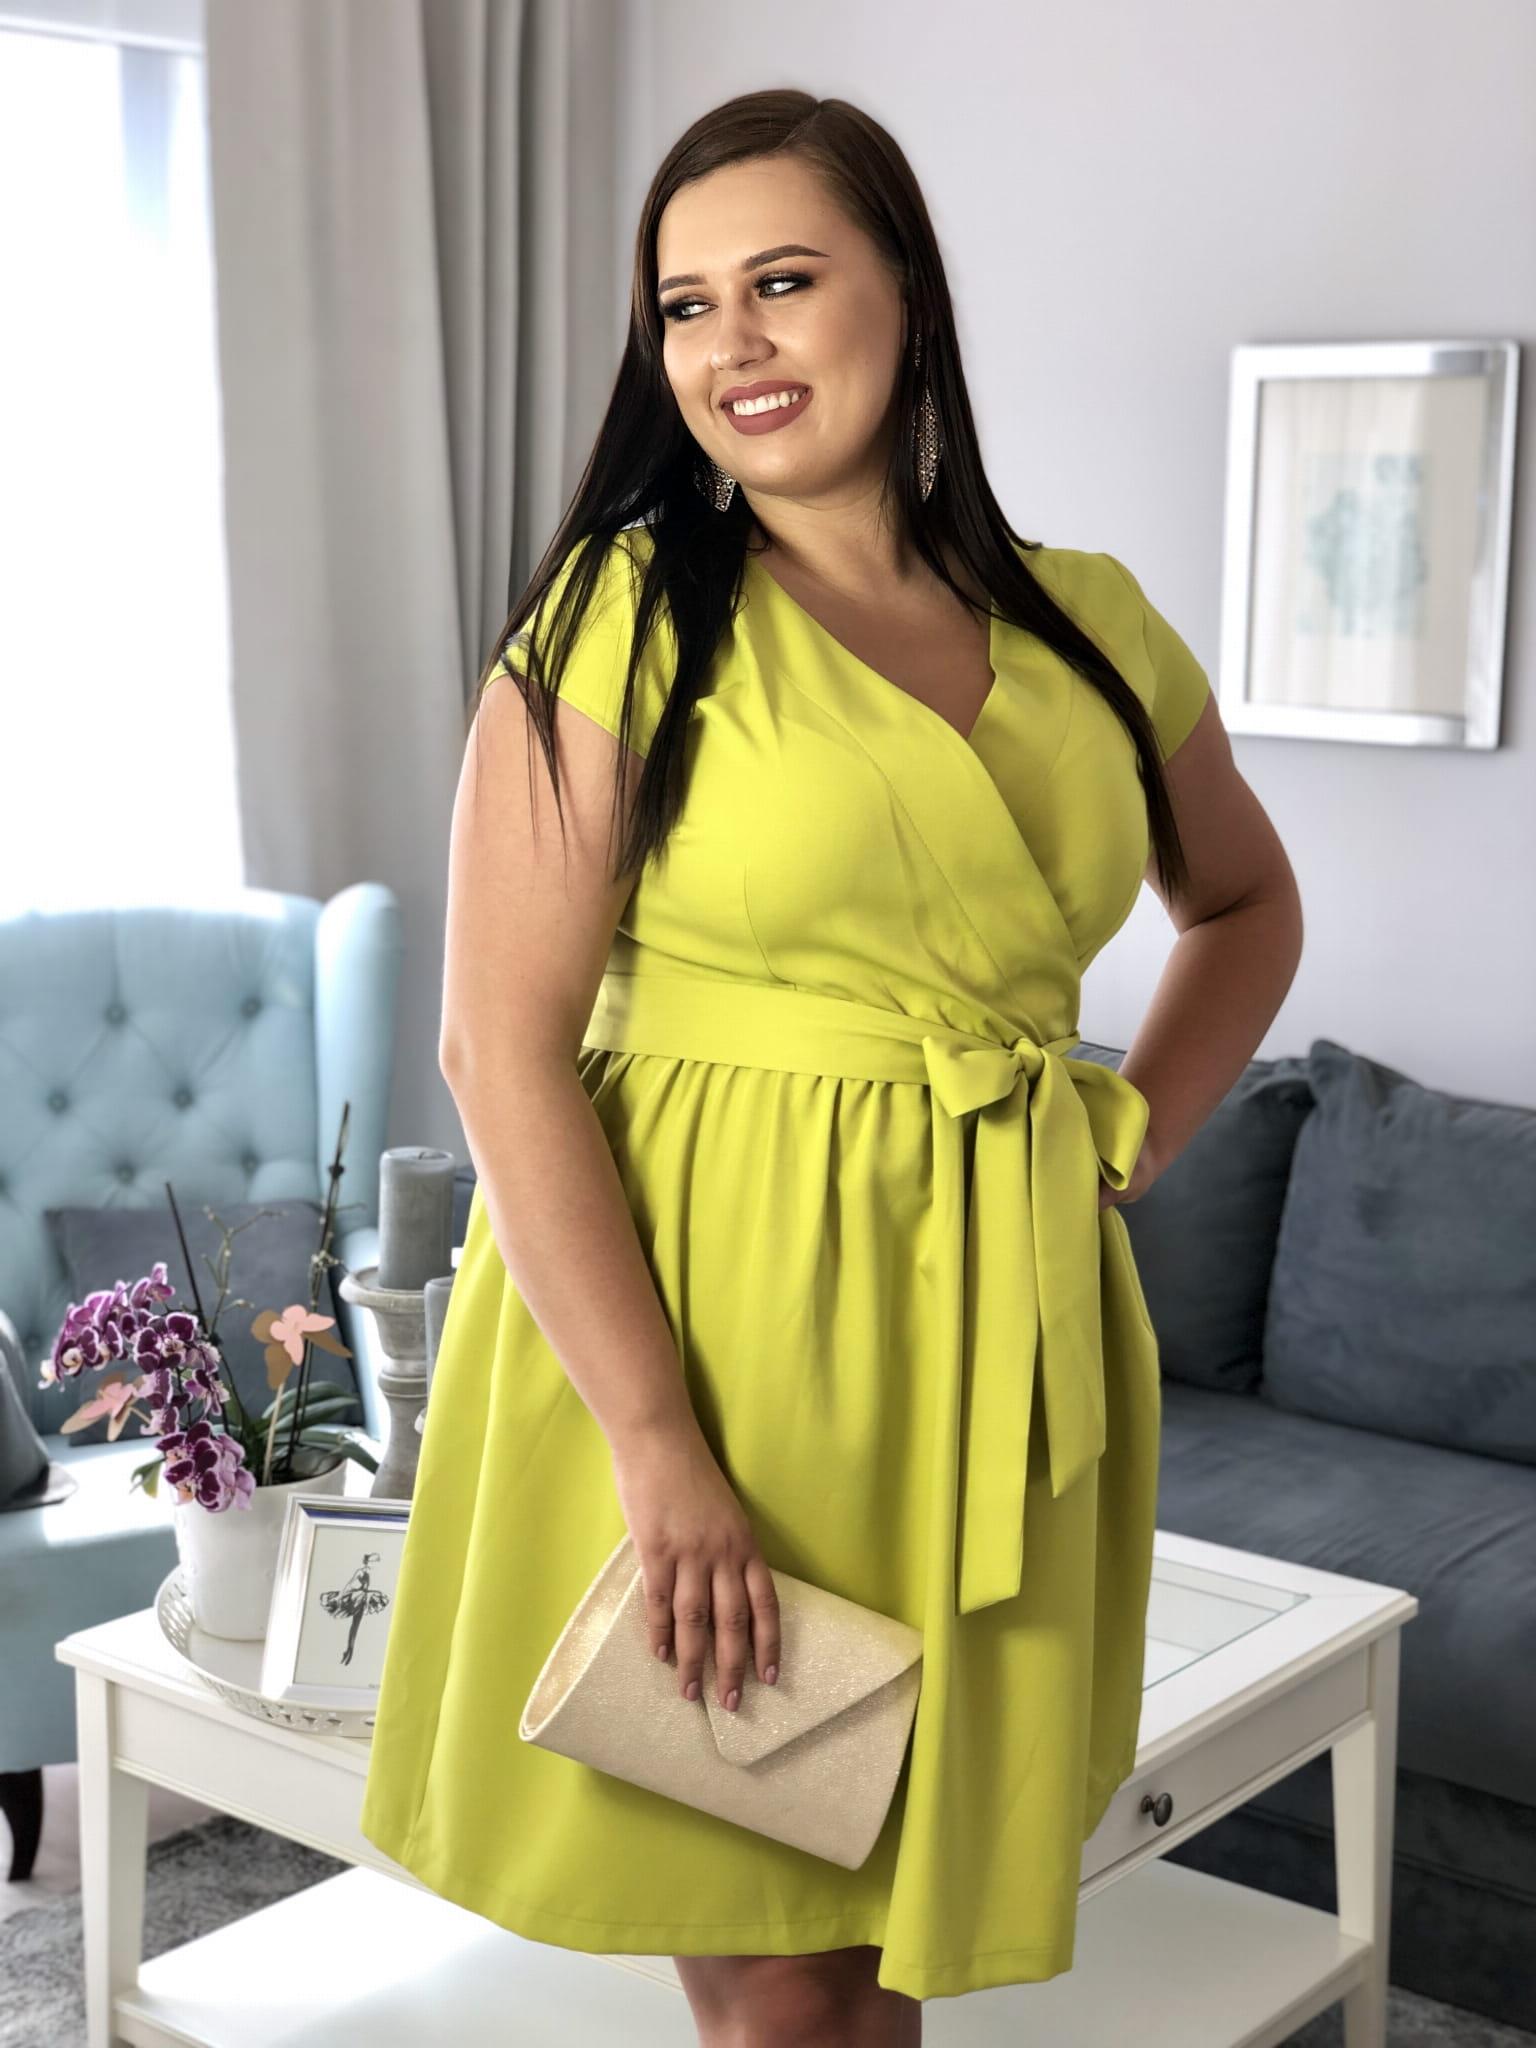 7b4122ec2c9c02 Olma Sukienka Rozkloszowana z Paskiem Limonka Sukienka XXL Plus Size Duży  Rozmiar. IMG_1055.jpg. nowość. IMG_1055.jpg; IMG_1039.jpg; IMG_1044.jpg ...